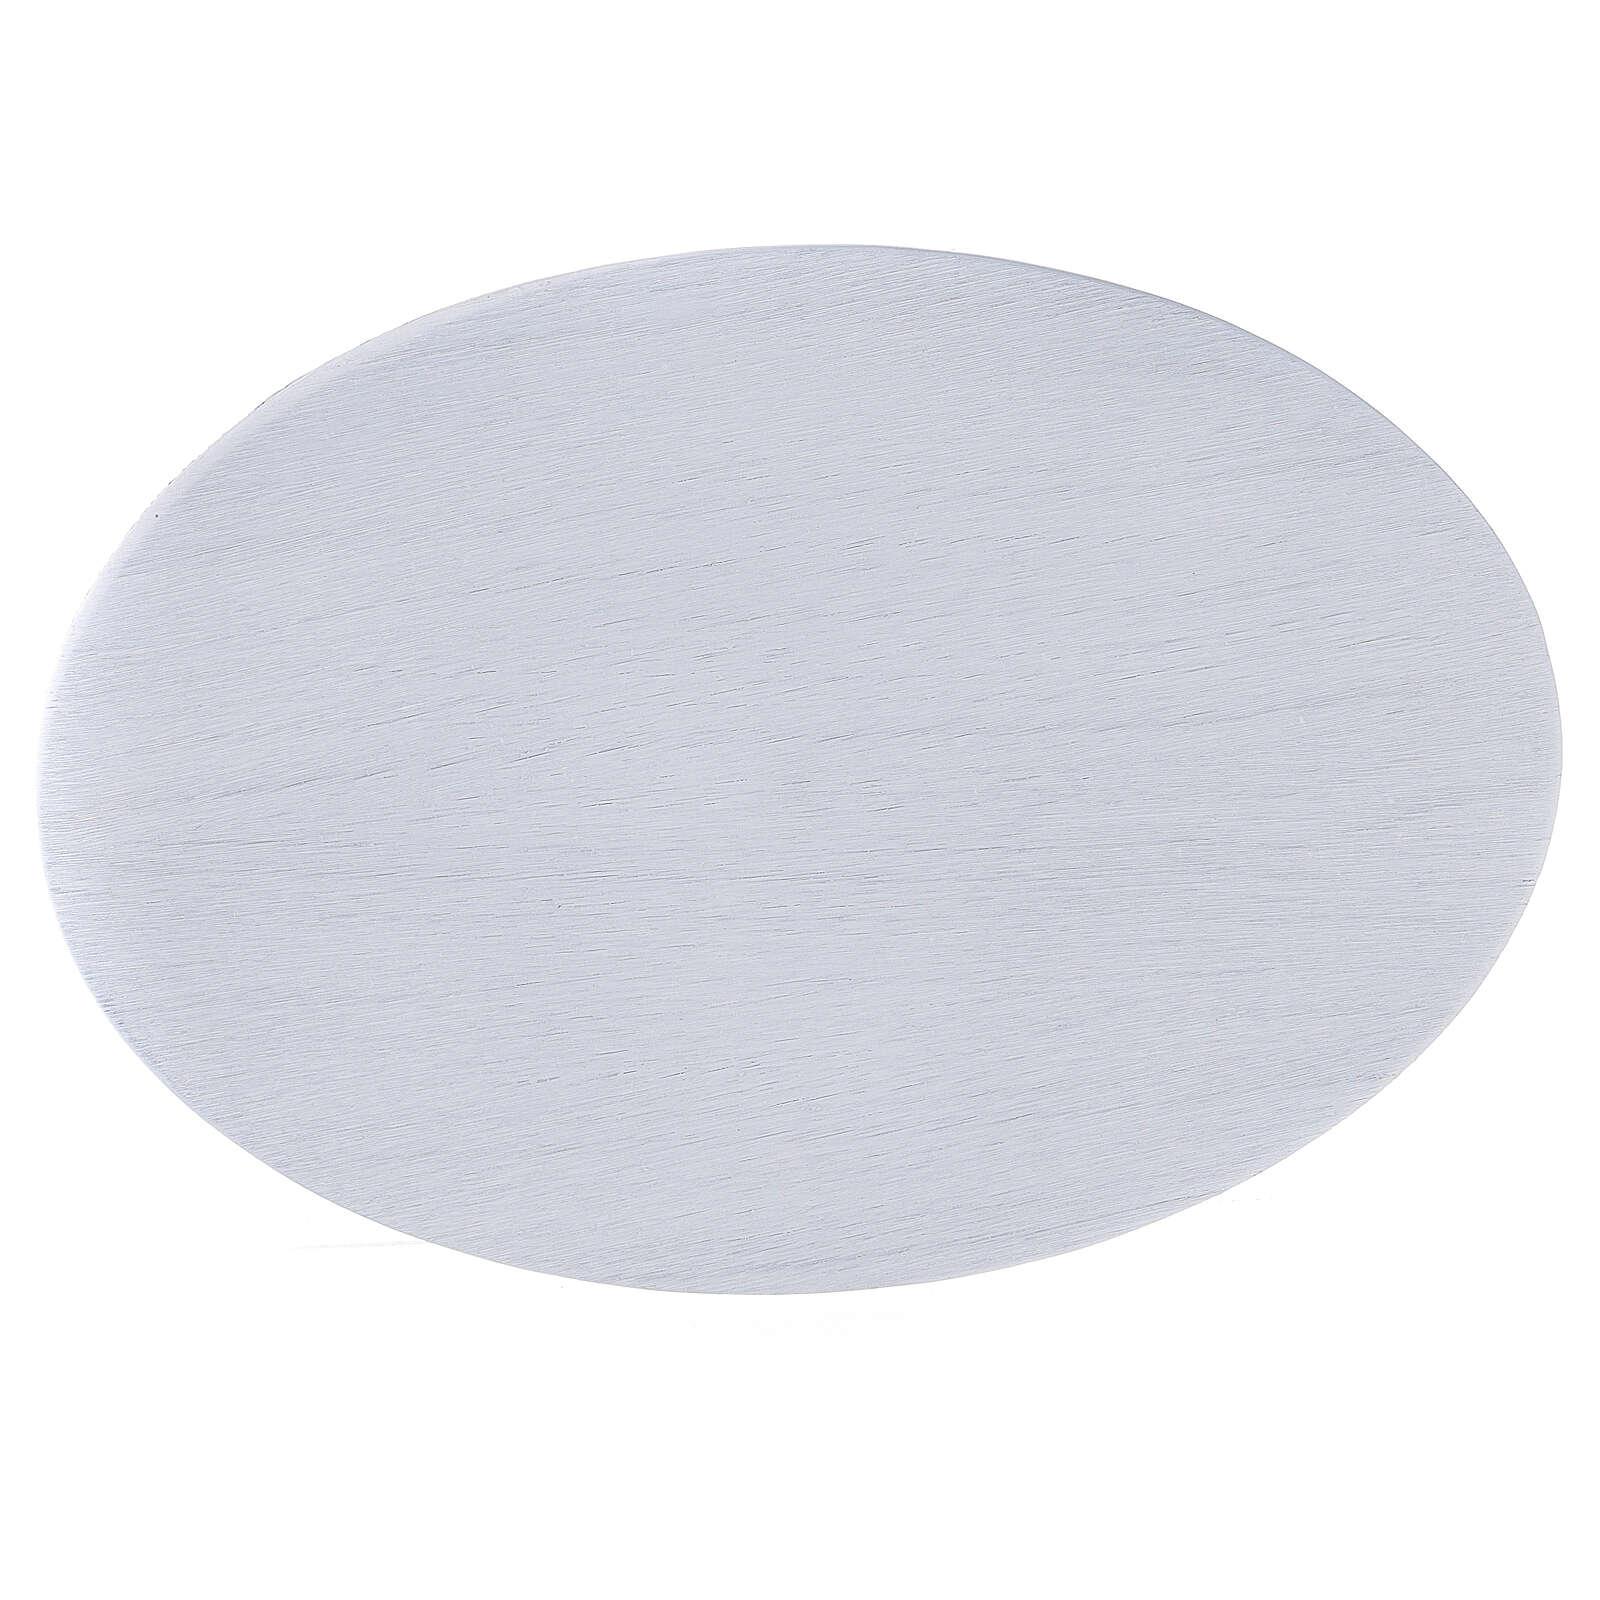 Plato portacirio aluminio blanco ovalado 20,5x14 cm 3